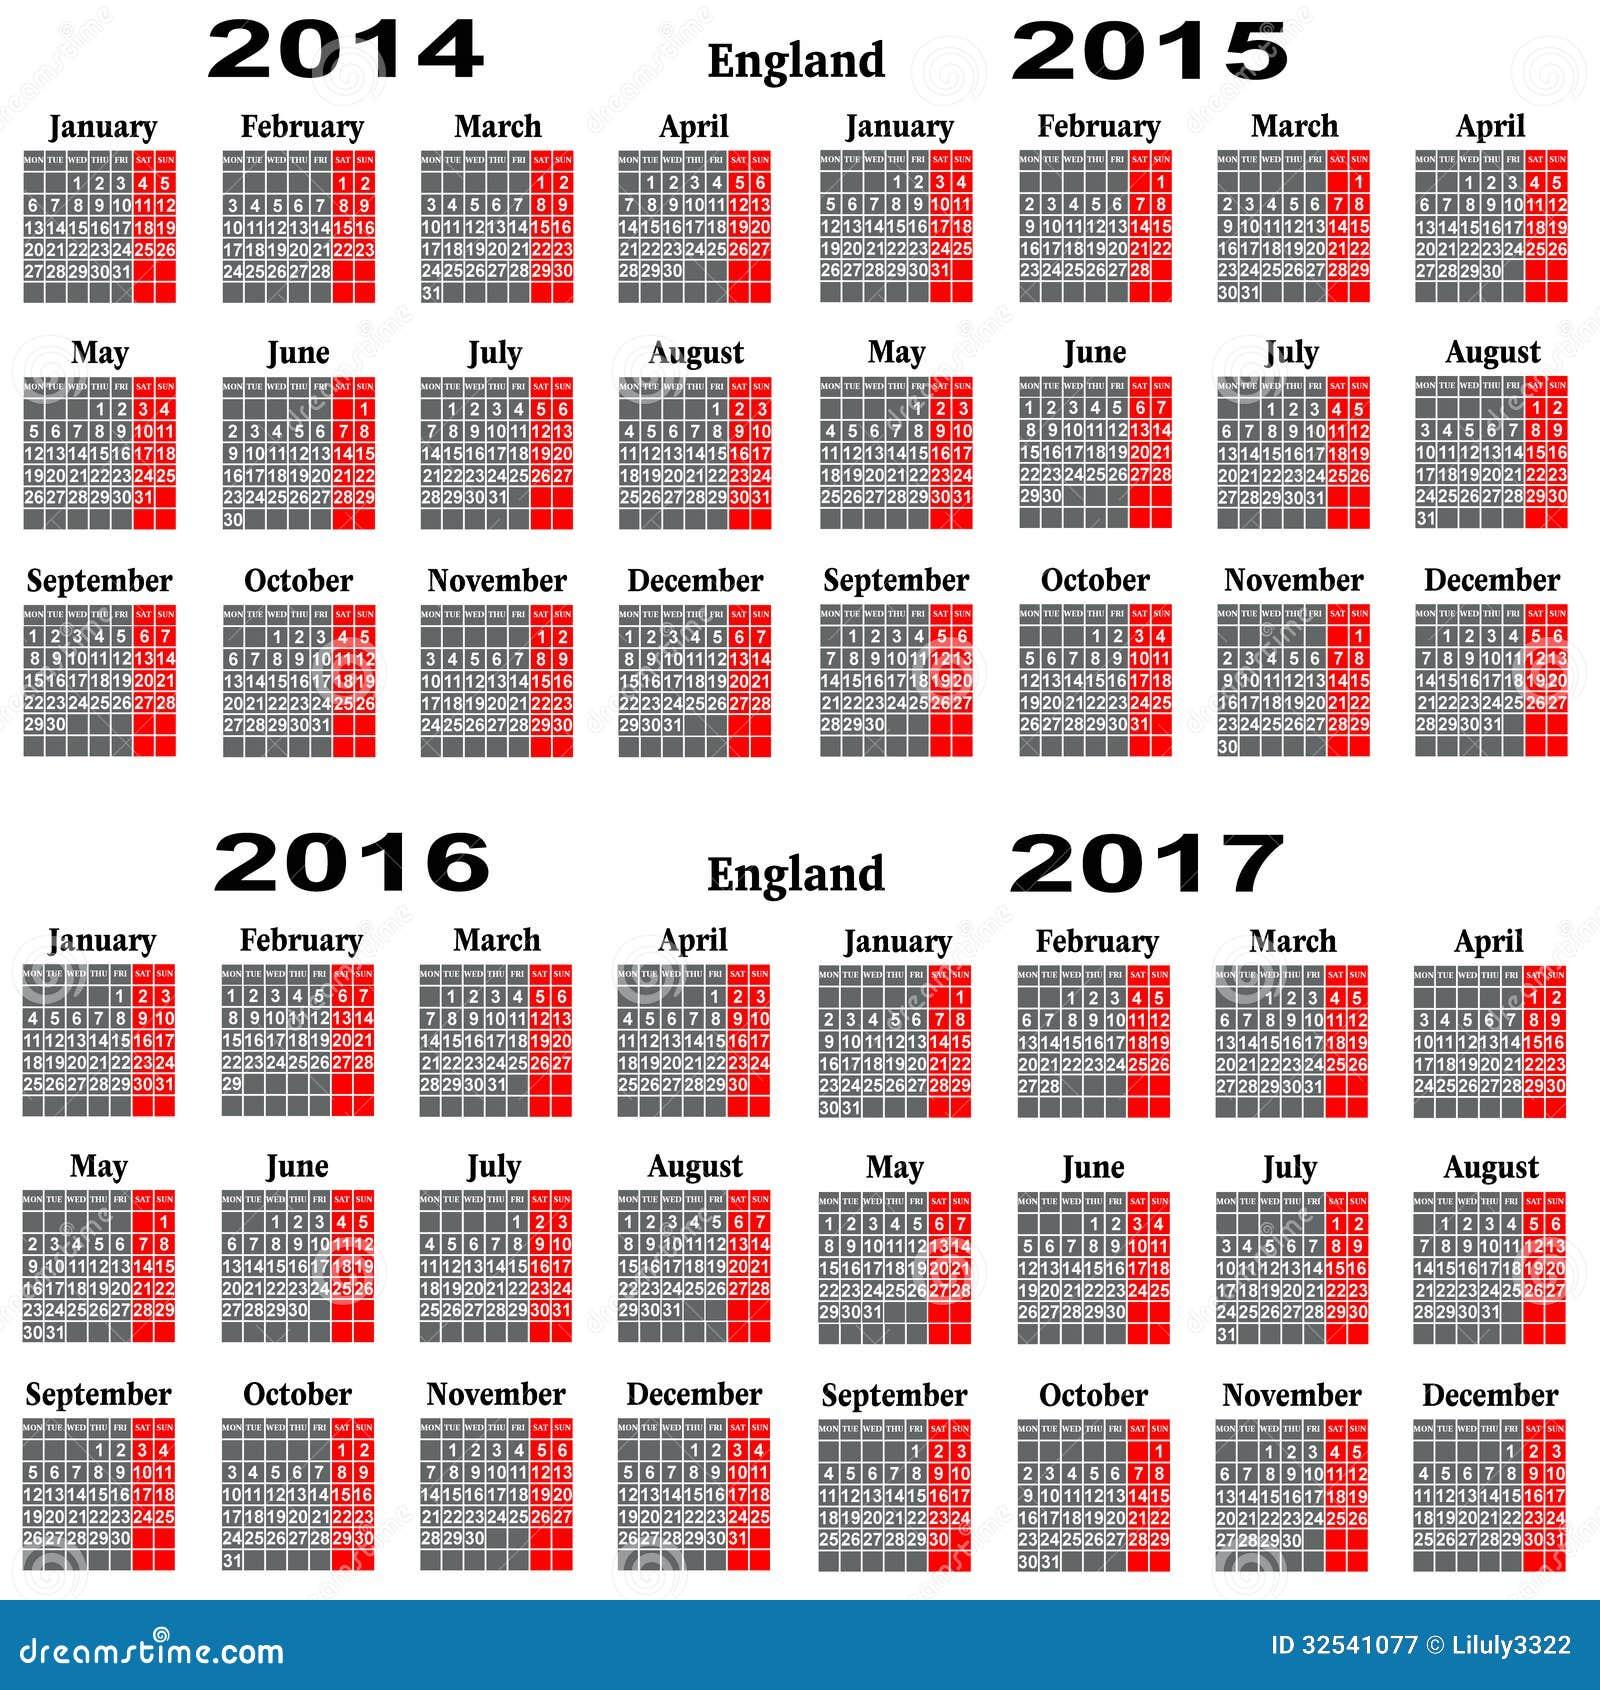 kalendar stock 2014 Calendar For 2014,2015,2016,2017 Year. Stock Illustration  kalendar stock 2014